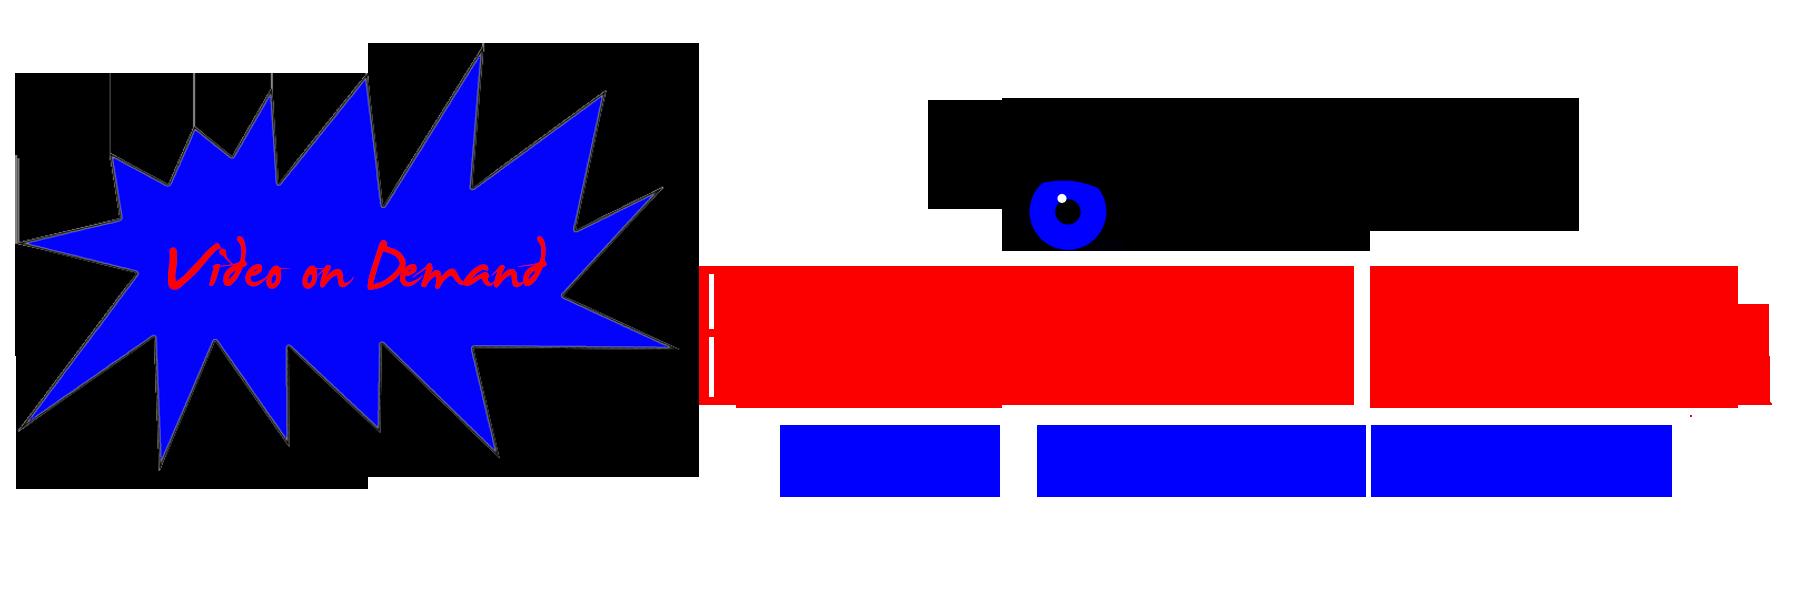 bed-time-flix-v1.png